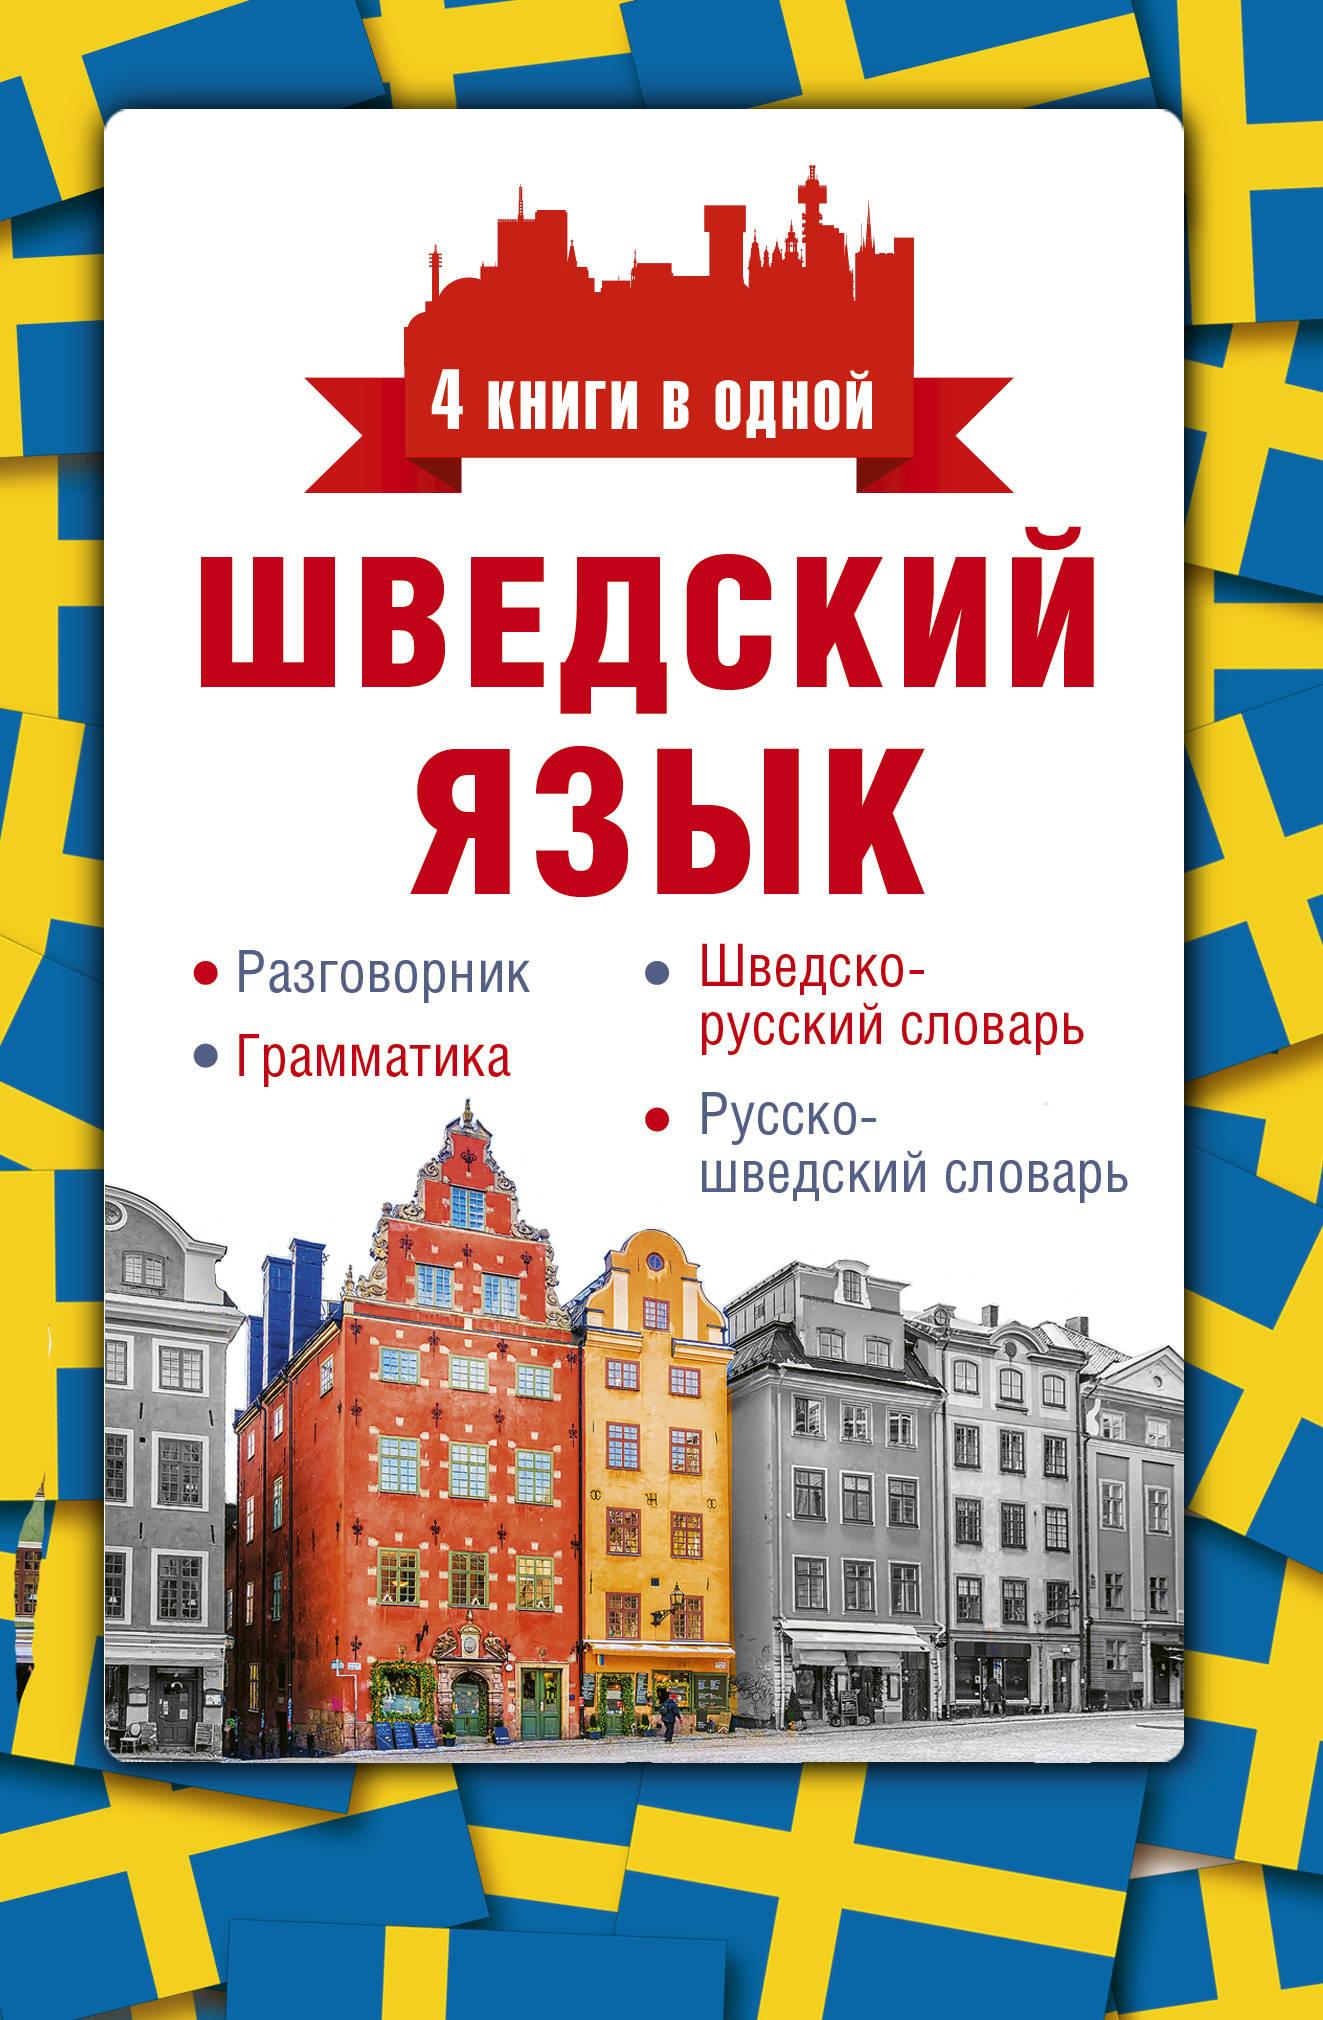 Шведский язык. 4 книги в одной: Разговорник, шведско-русский словарь, русск